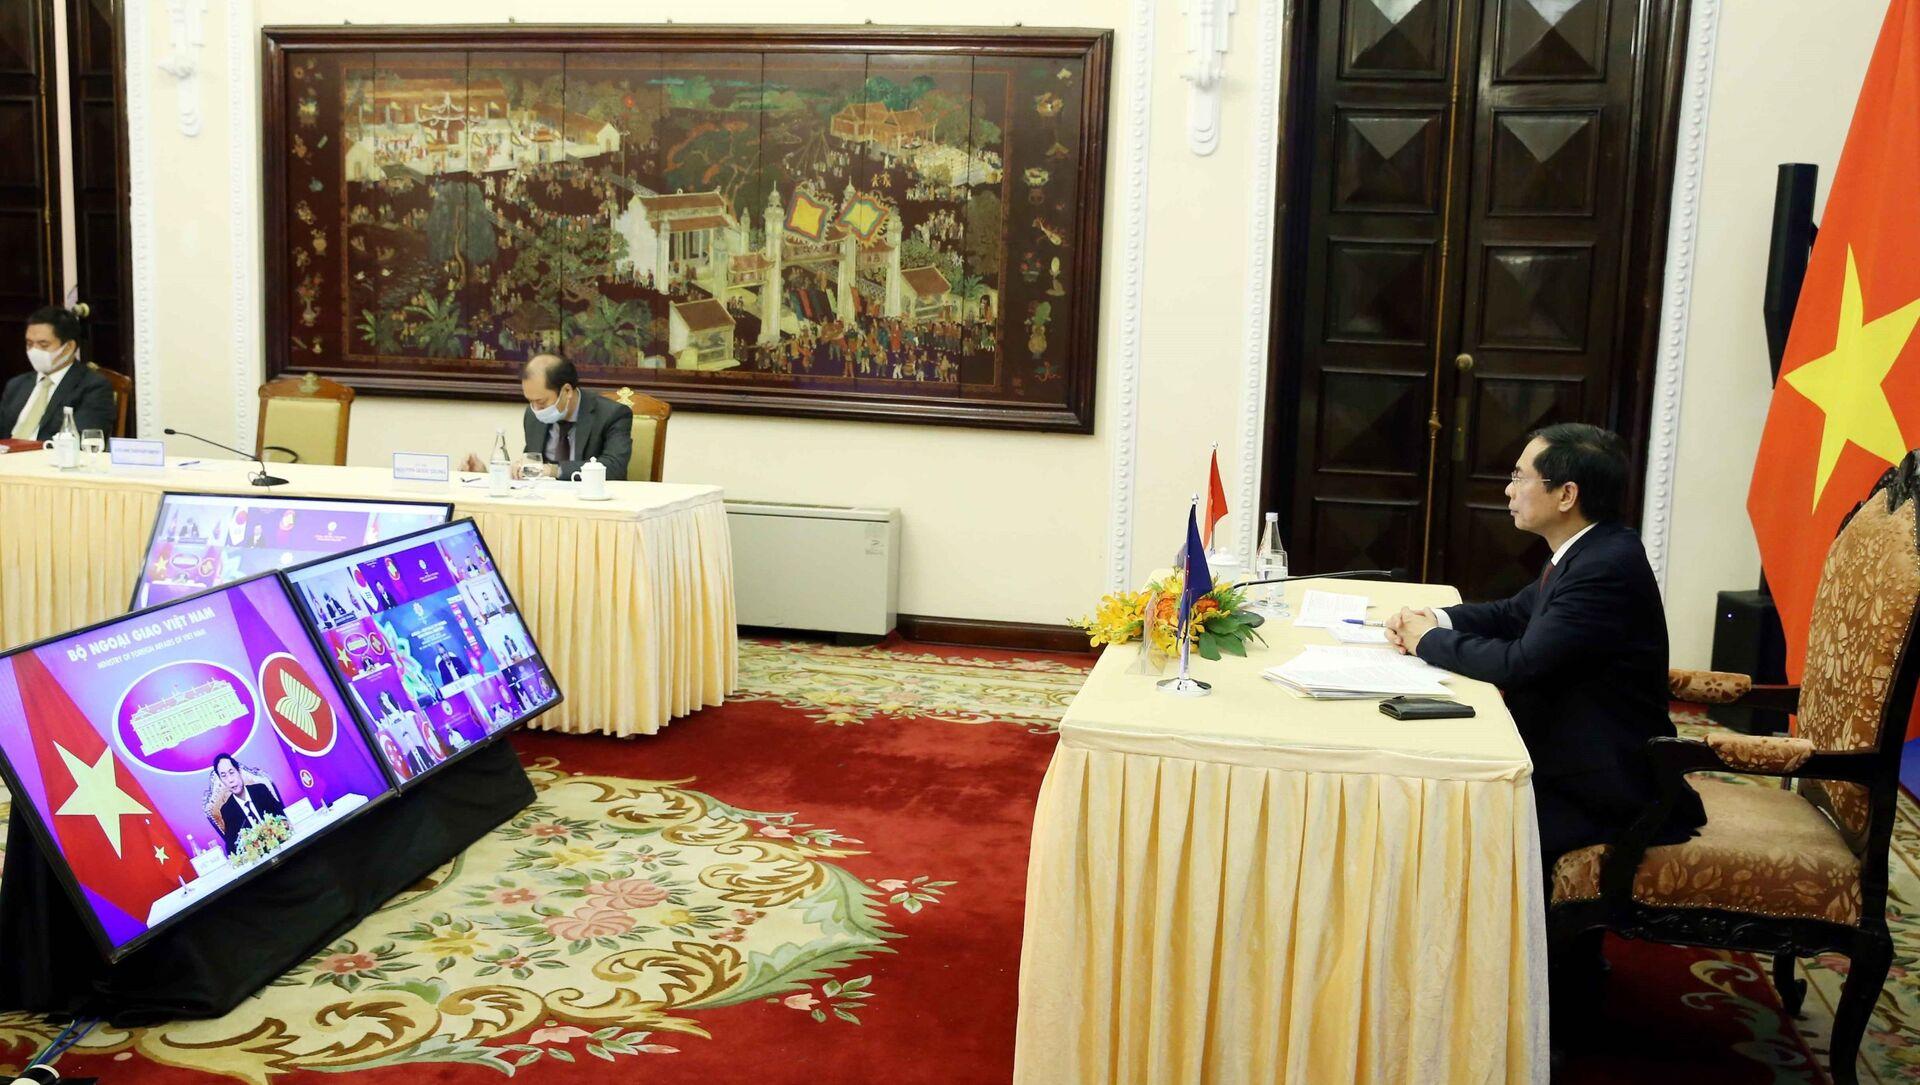 Bộ trưởng Bộ Ngoại giao Bùi Thanh Sơn tham dự Hội nghị Bộ trưởng Ngoại giao ASEAN – Hàn Quốc theo hình thức trực tuyến. - Sputnik Việt Nam, 1920, 03.08.2021